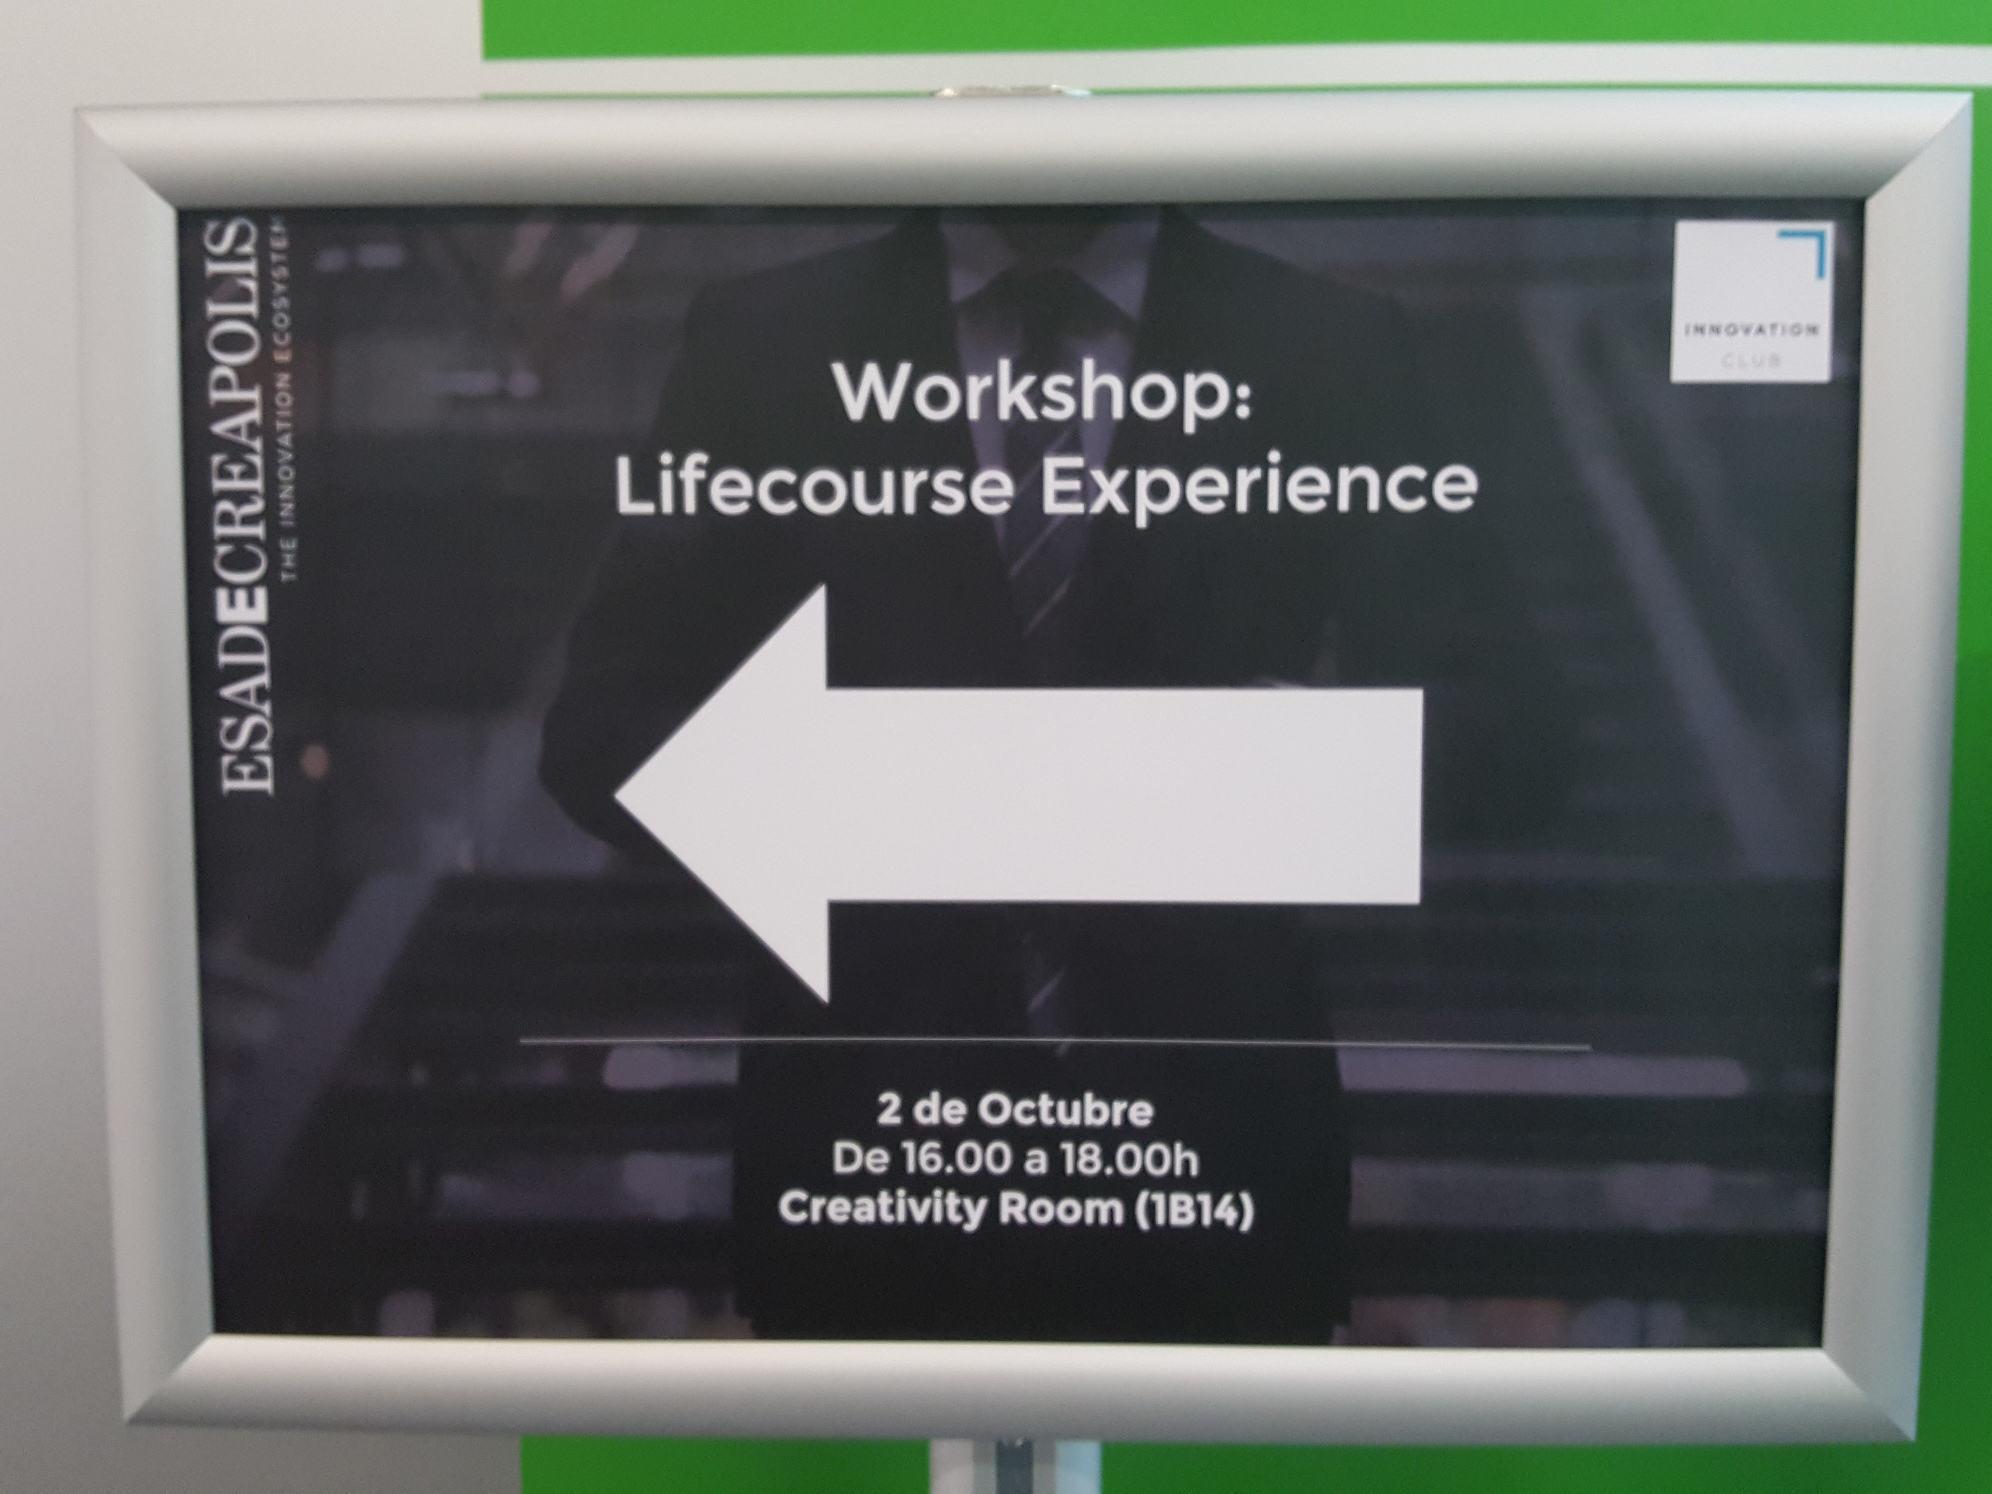 Cartel de anuncio del workshop Lifecourse Experience en ESADECREAPOLIS